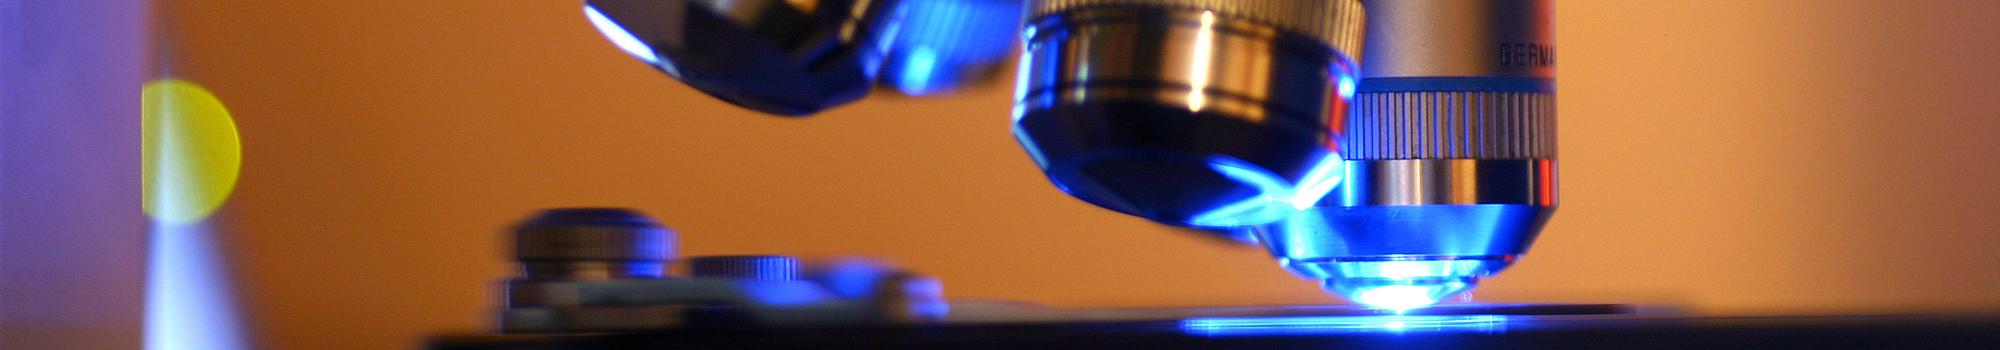 adj_microscope2_scsb_header